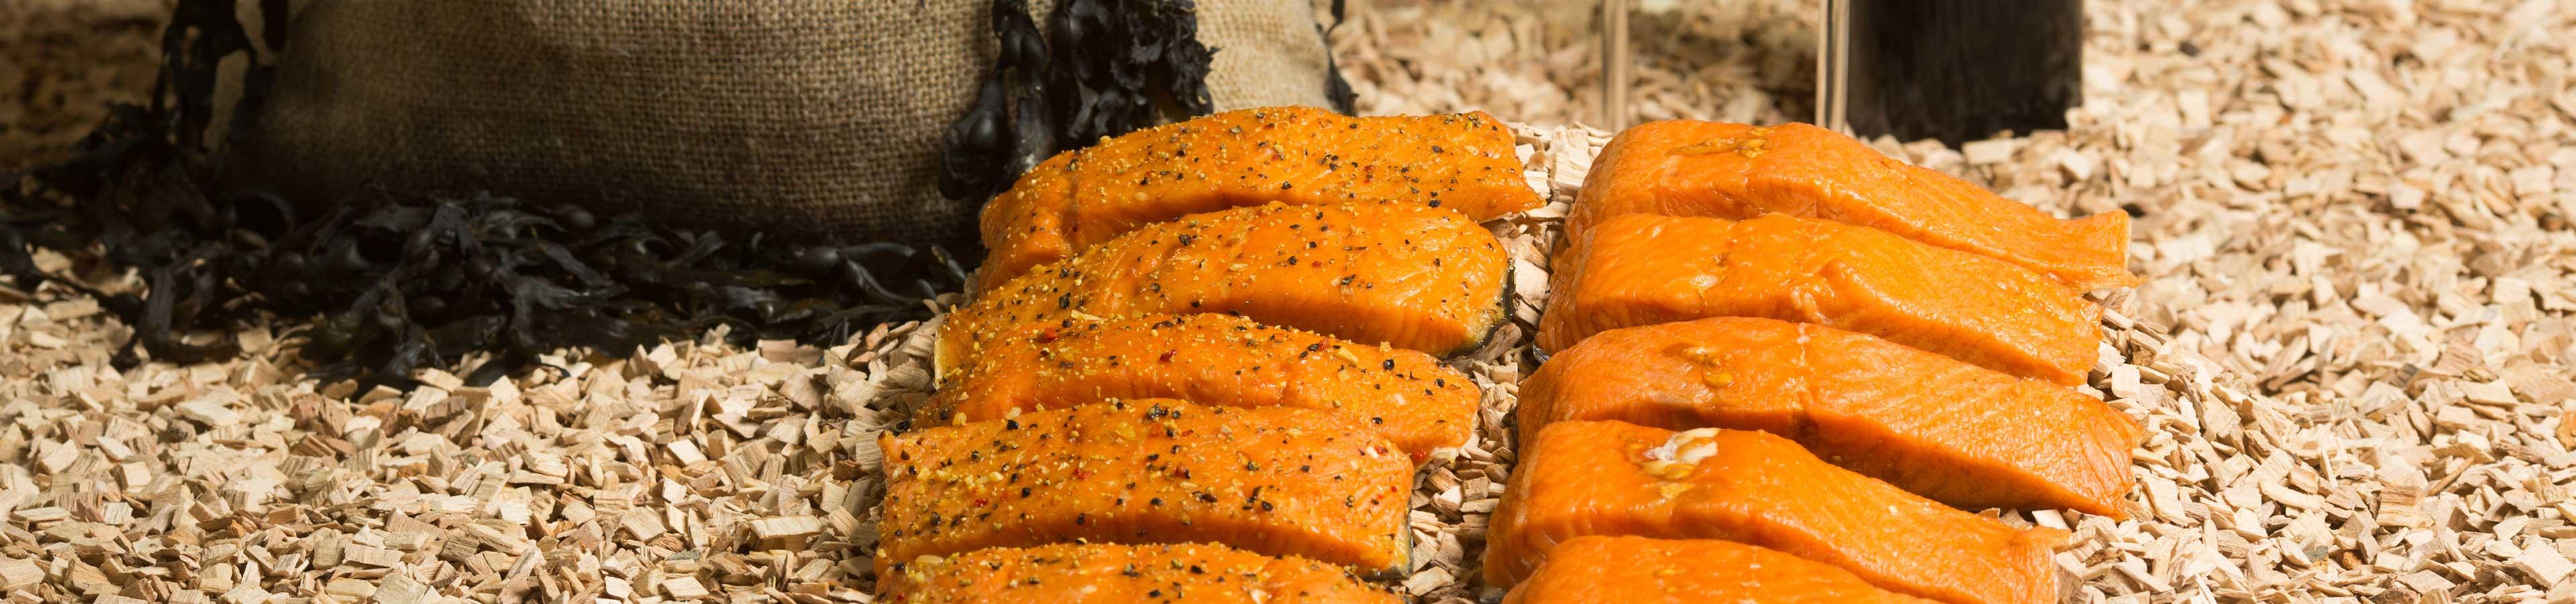 paling en zalm